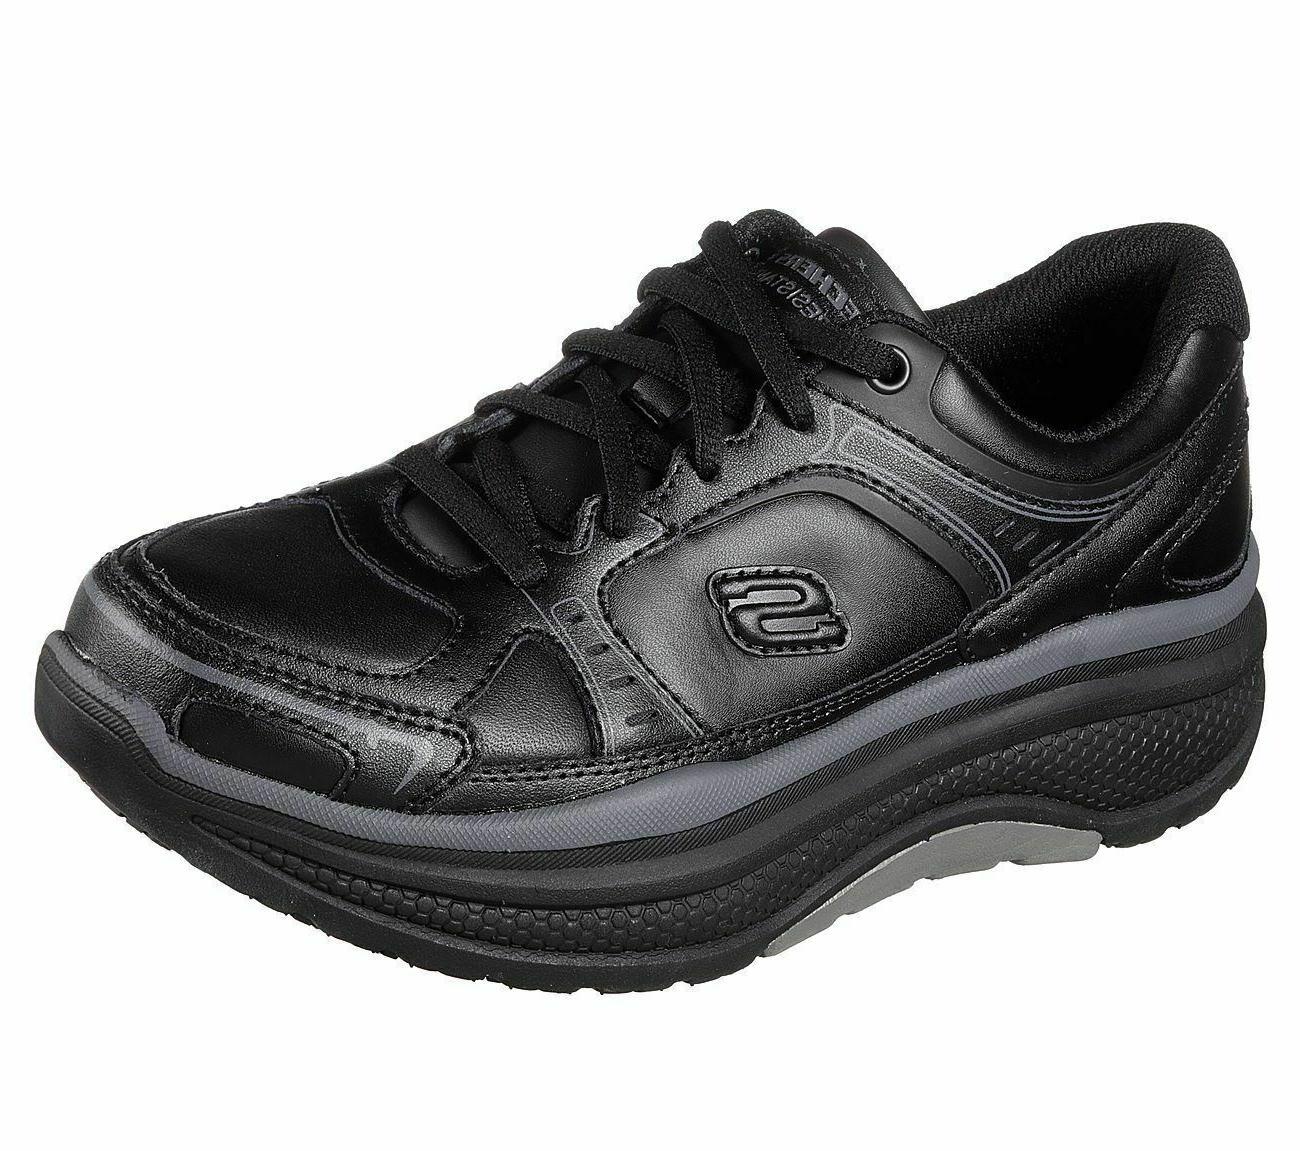 Rocker Skechers Work Black Shoes Women Memory Foam Slip Resi